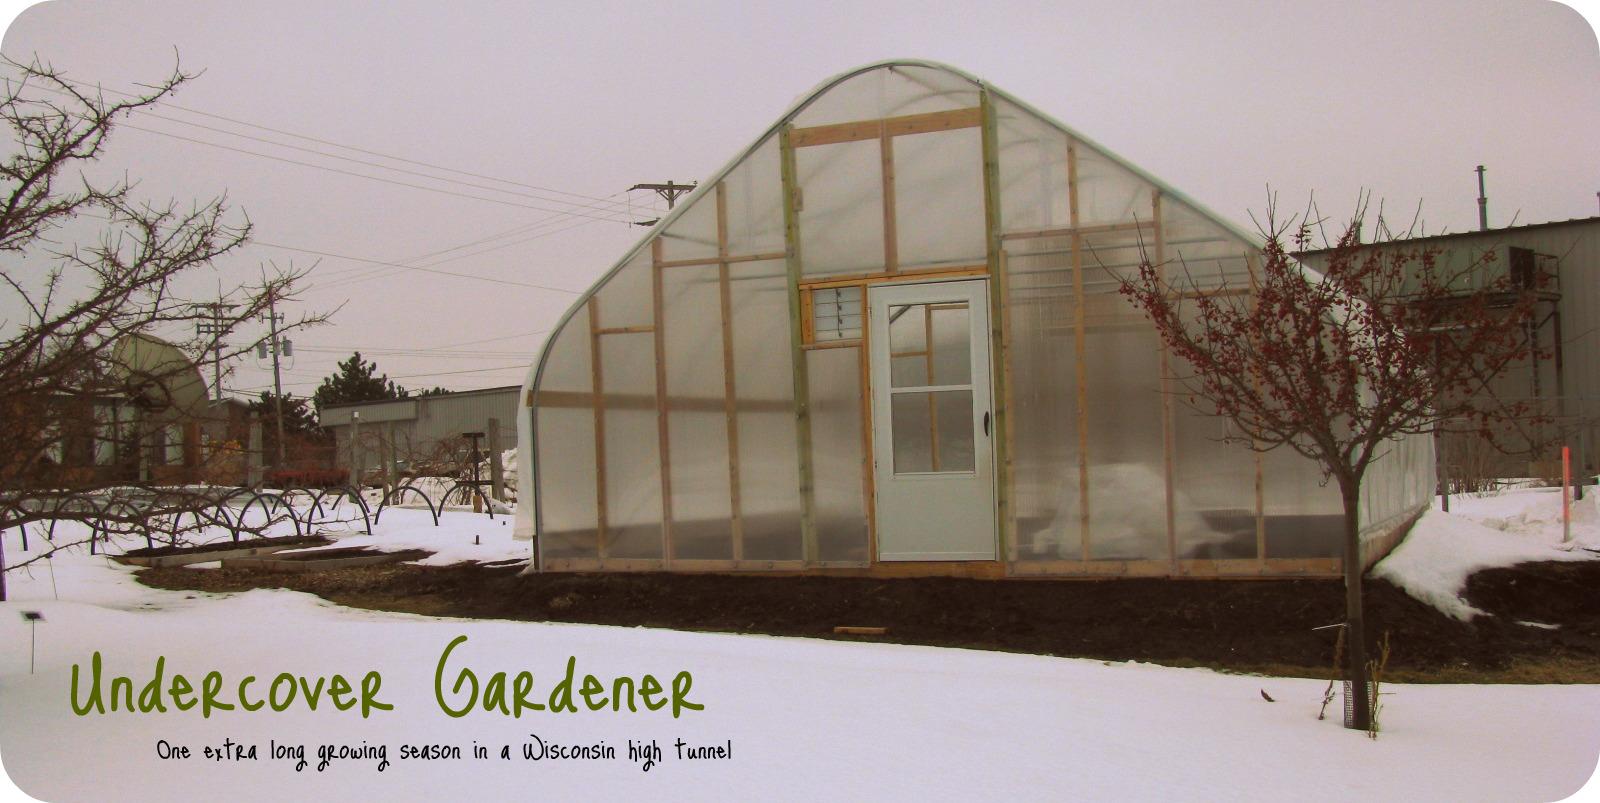 Undercover Gardener